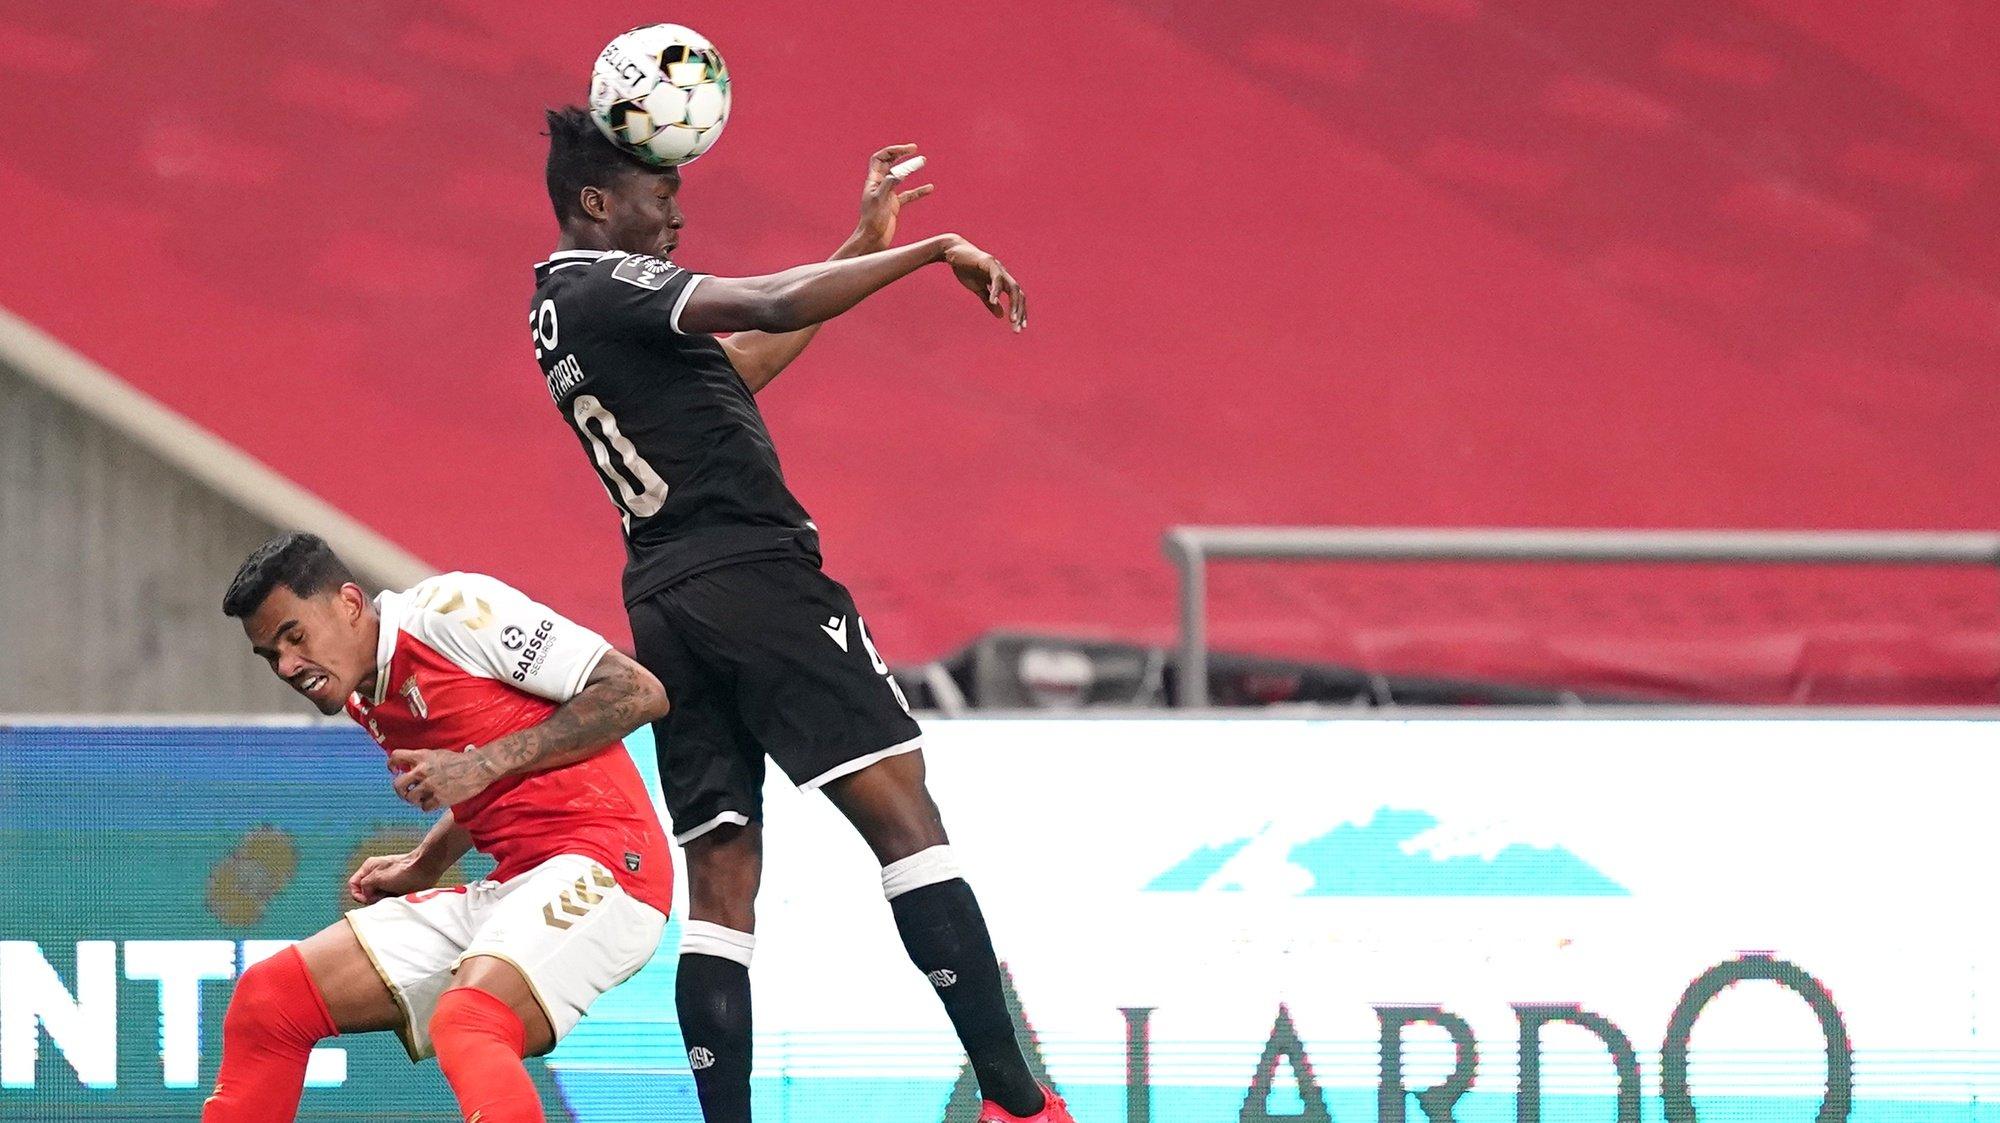 Galeno (E) do Sporting de Braga disputa a bola com Zie Ouattara do Vitória de Guimarães no jogo a contar para a Primeira Liga de Futebol realizado no Estádio Municipal de Braga, 9 de março de 2021. HUGO DELGADO/LUSA